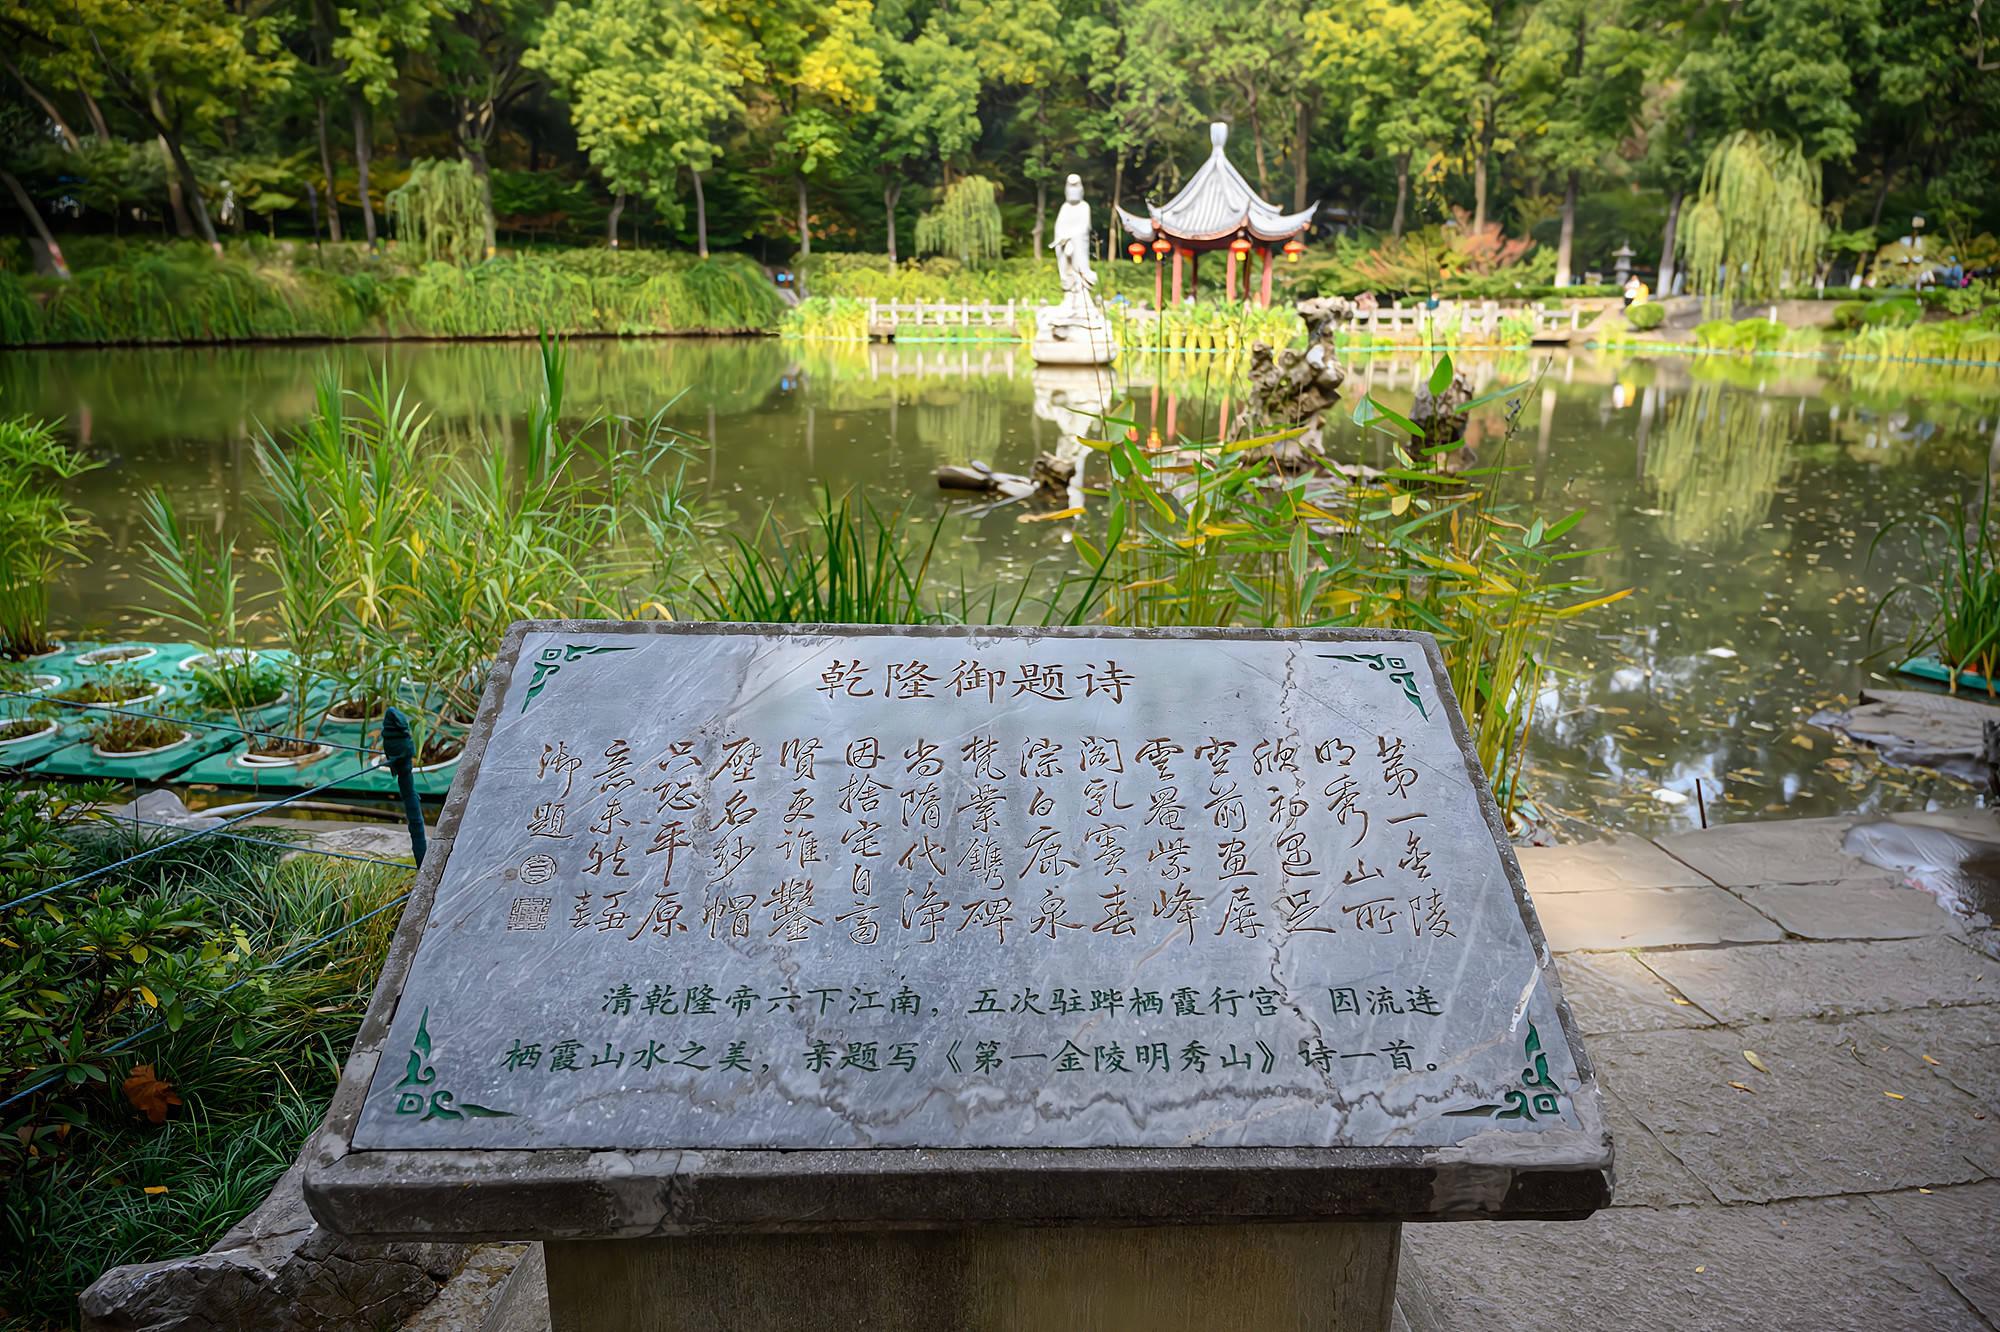 """原创             南京这座山,被誉为""""金陵第一明秀山"""",历史上五王十四帝曾登临"""